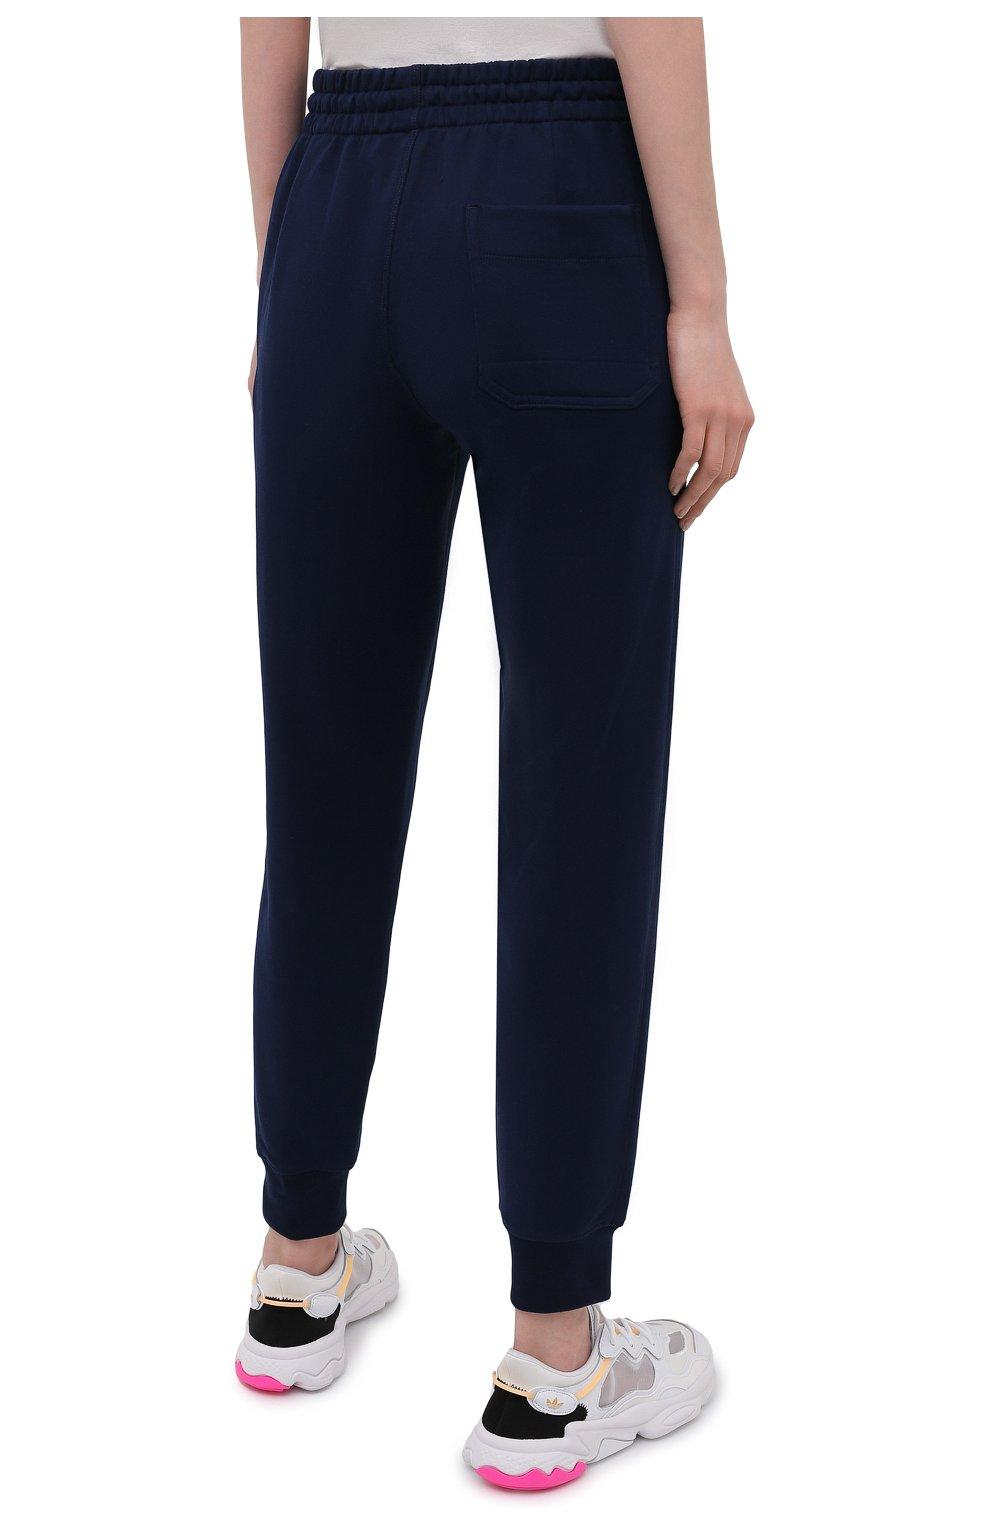 Женские хлопковые джоггеры Y-3 темно-синего цвета, арт. GV2787/W | Фото 4 (Женское Кросс-КТ: Брюки-спорт, Джоггеры - брюки; Длина (брюки, джинсы): Стандартные; Силуэт Ж (брюки и джинсы): Джоггеры; Кросс-КТ: Трикотаж; Материал внешний: Хлопок; Стили: Спорт-шик)